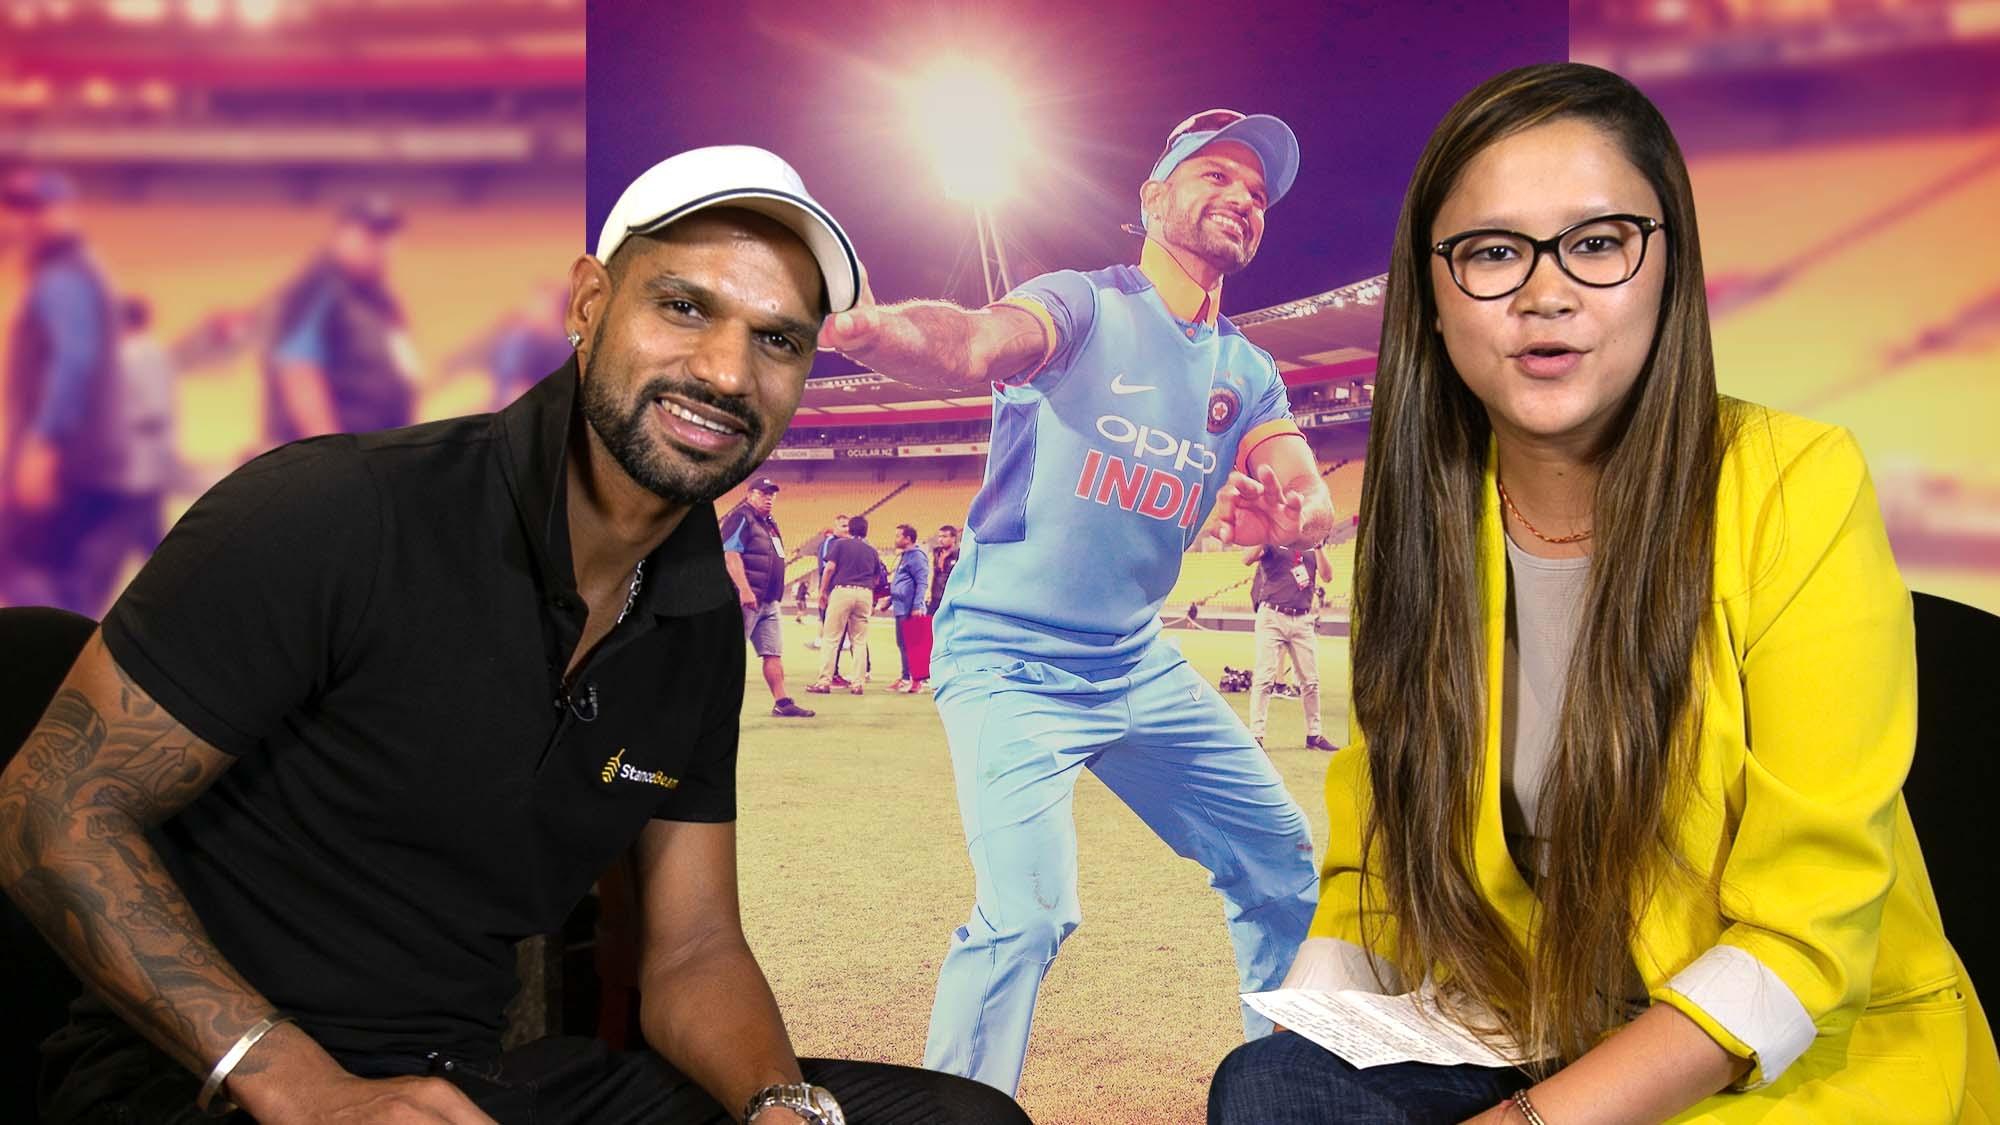 Shikhar Dhawan – The Happy Cricketer